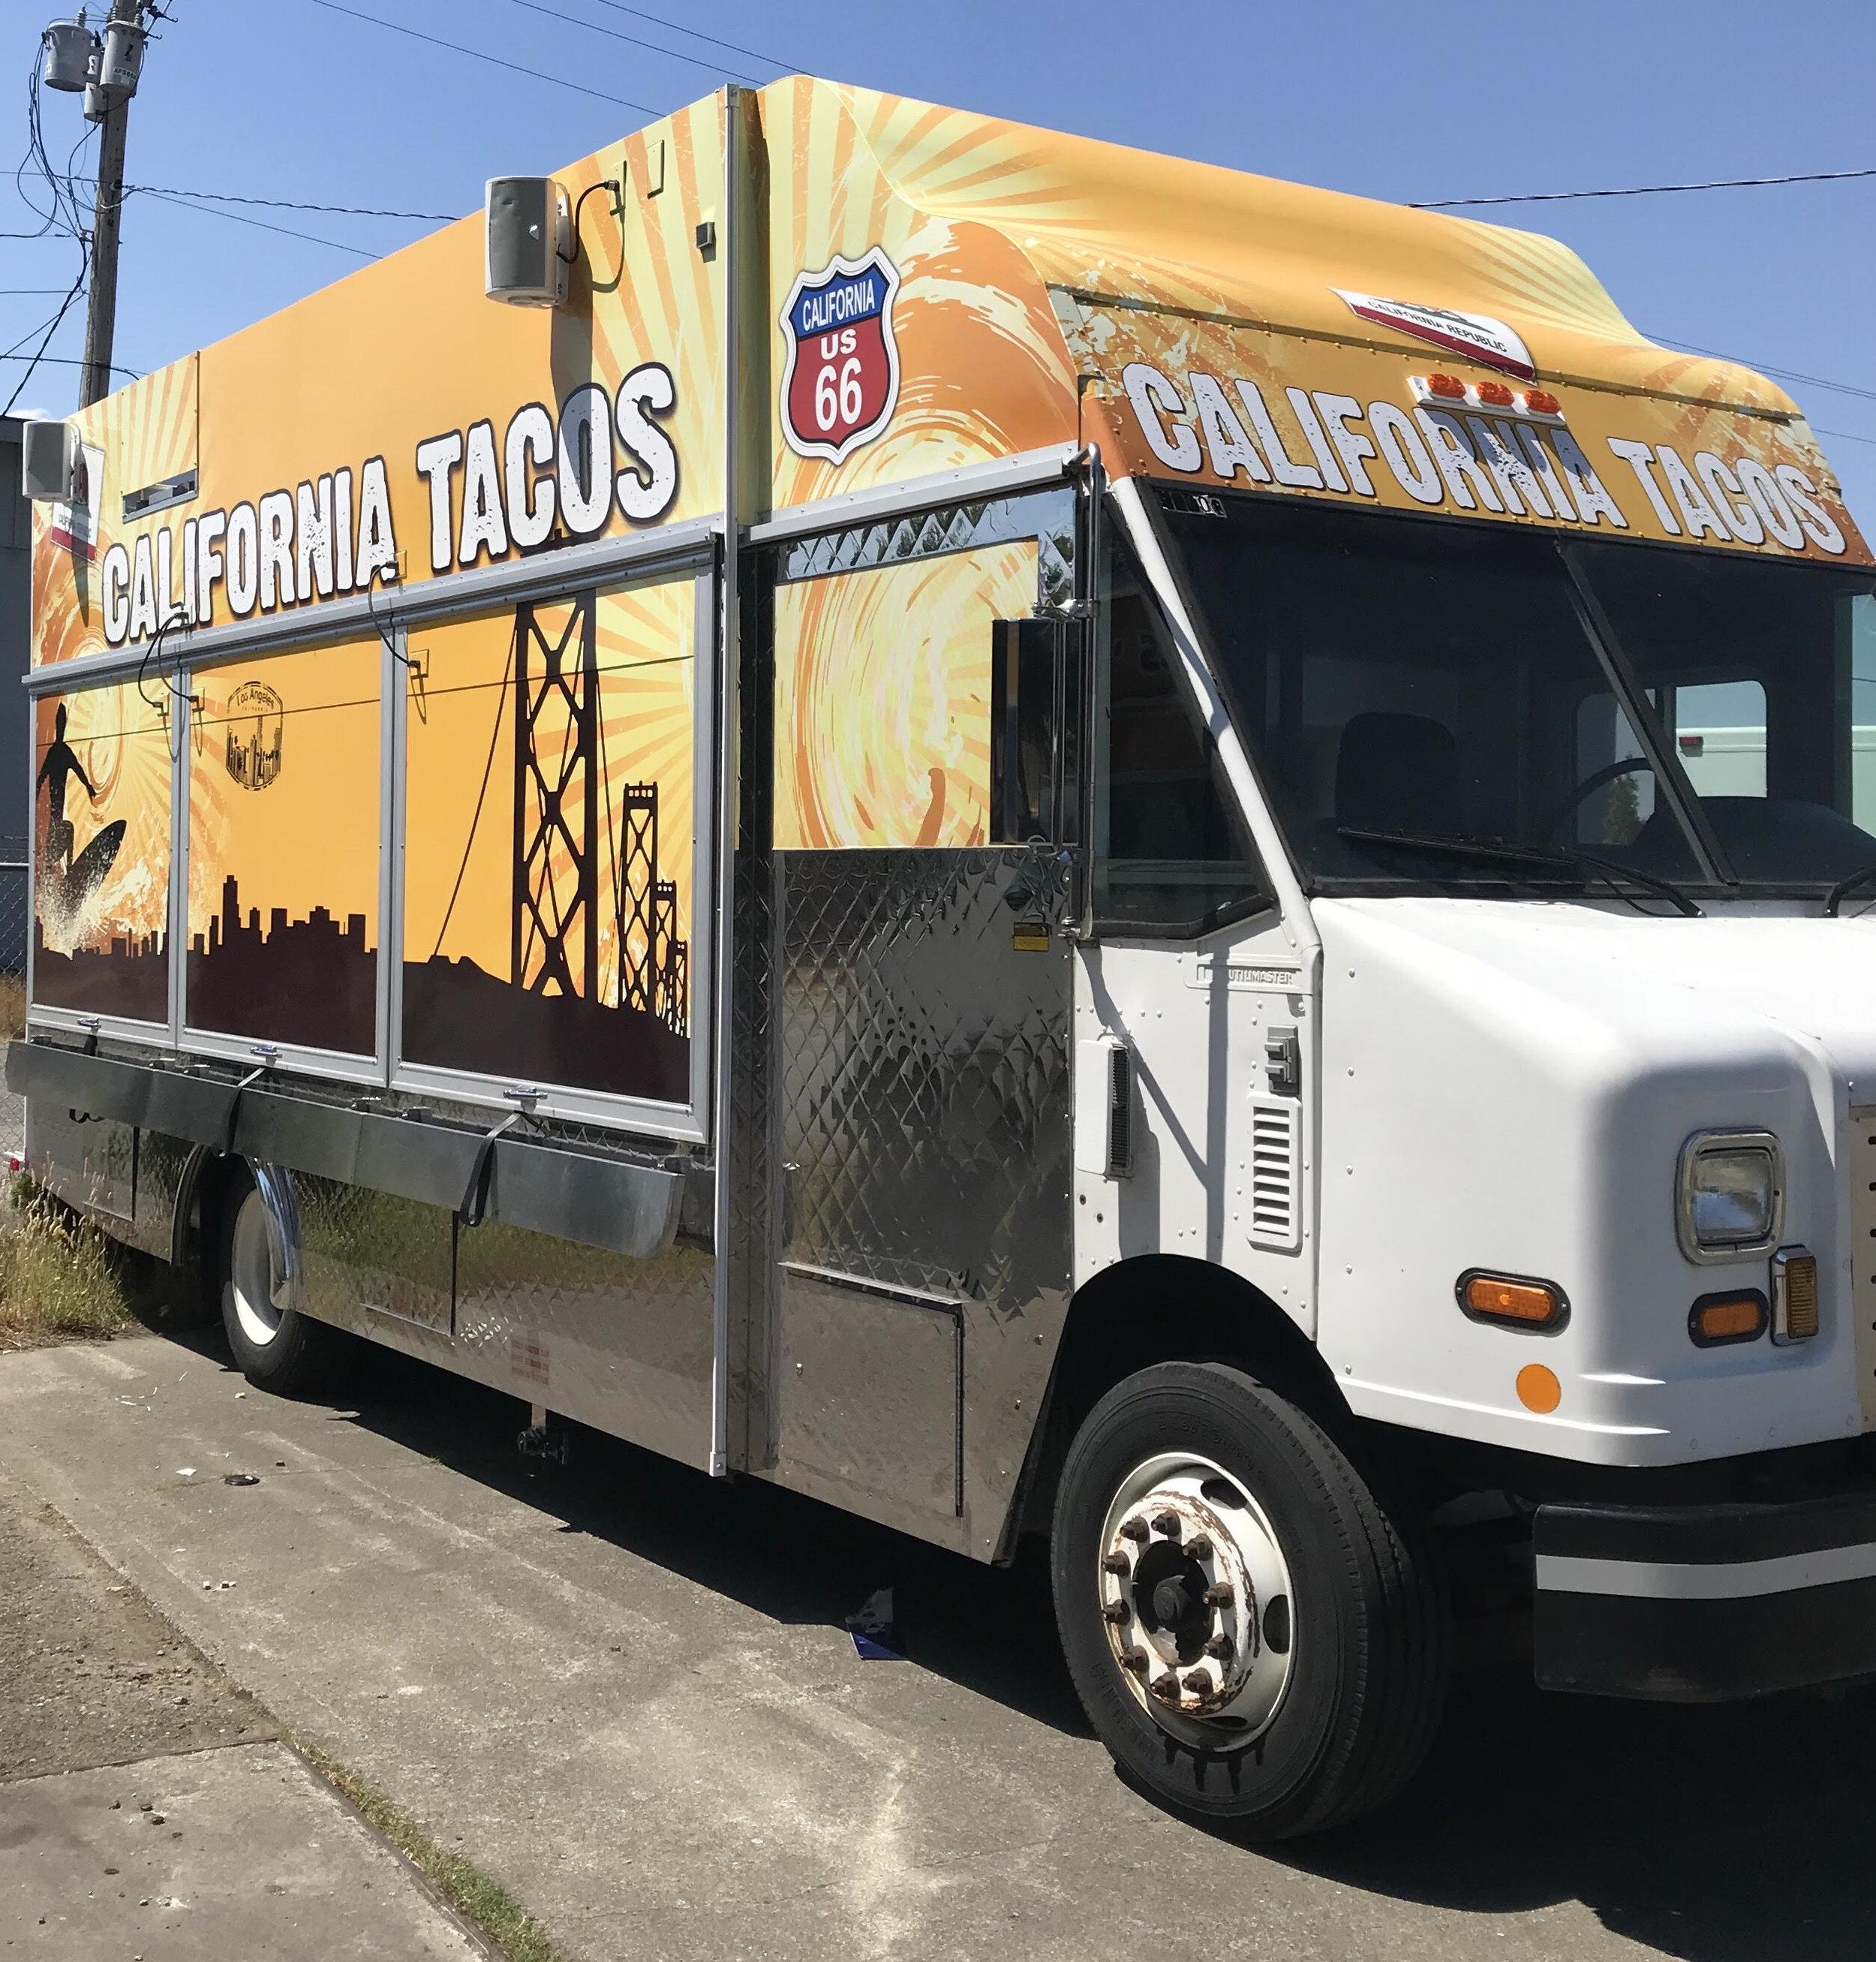 cal. tacos. pic.jpg